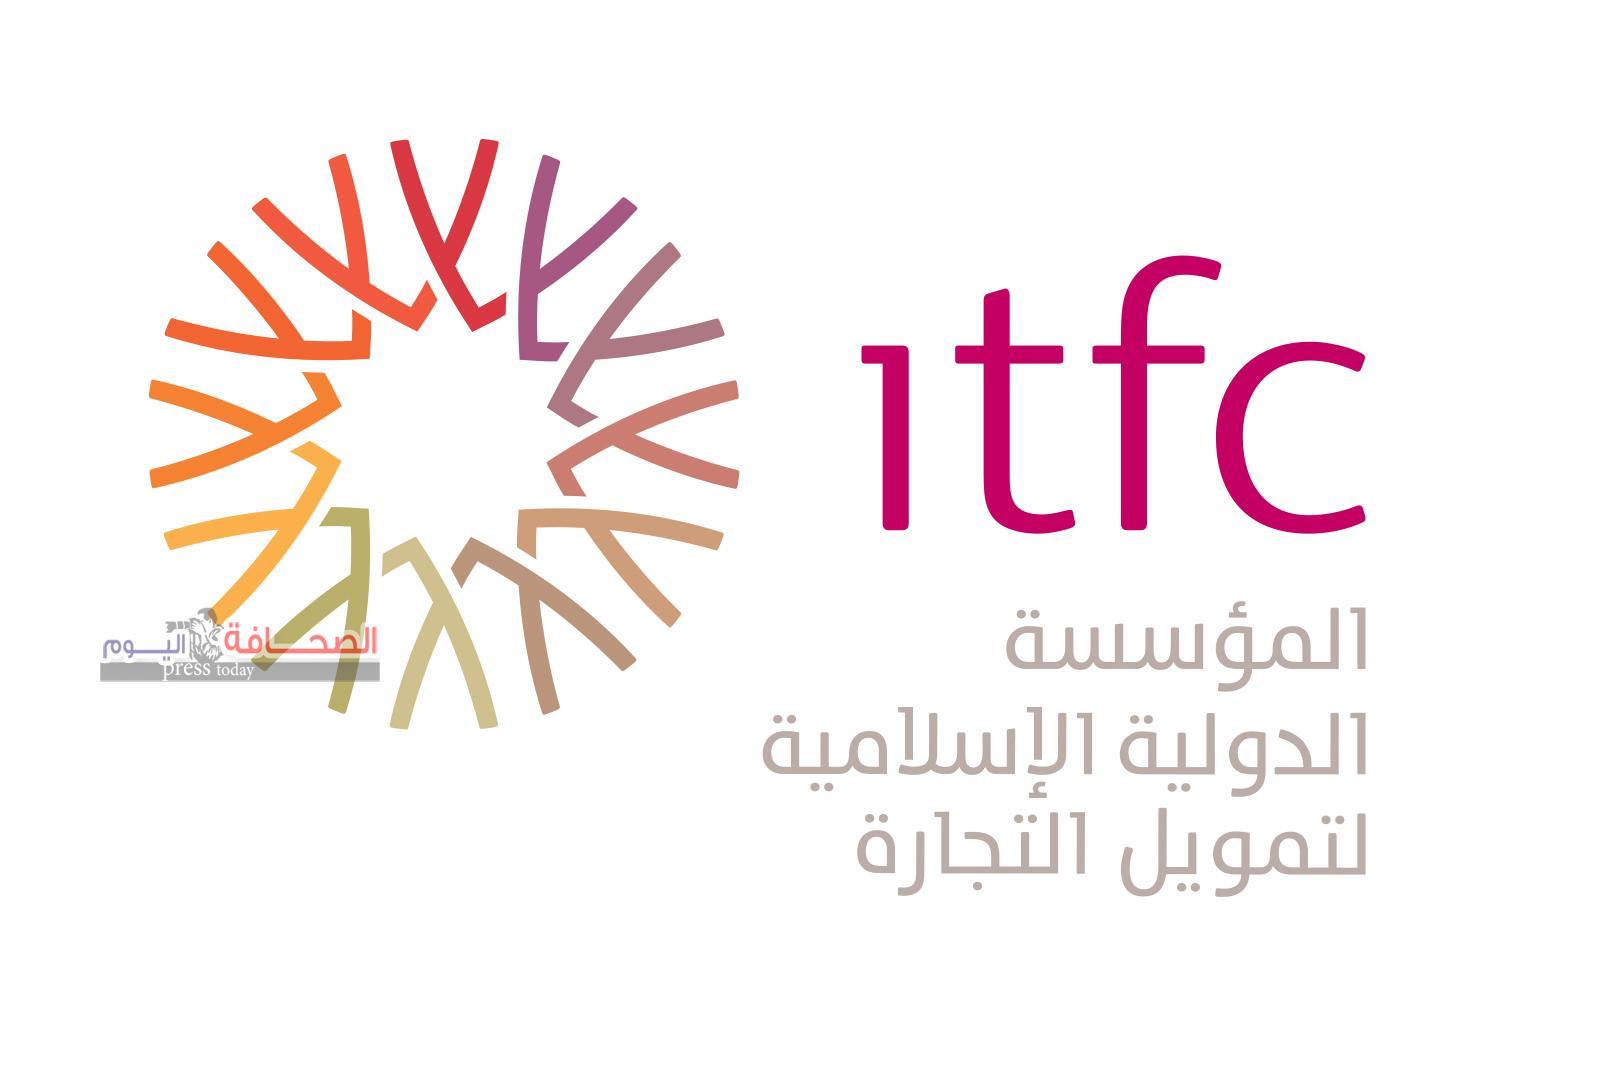 المؤسسة الدولية الإسلامية لتمويل التجارة توقع اتفاقيات تمويل مرابحة مع عدد من الدول الأعضاء بقيمة 232 مليون يورو